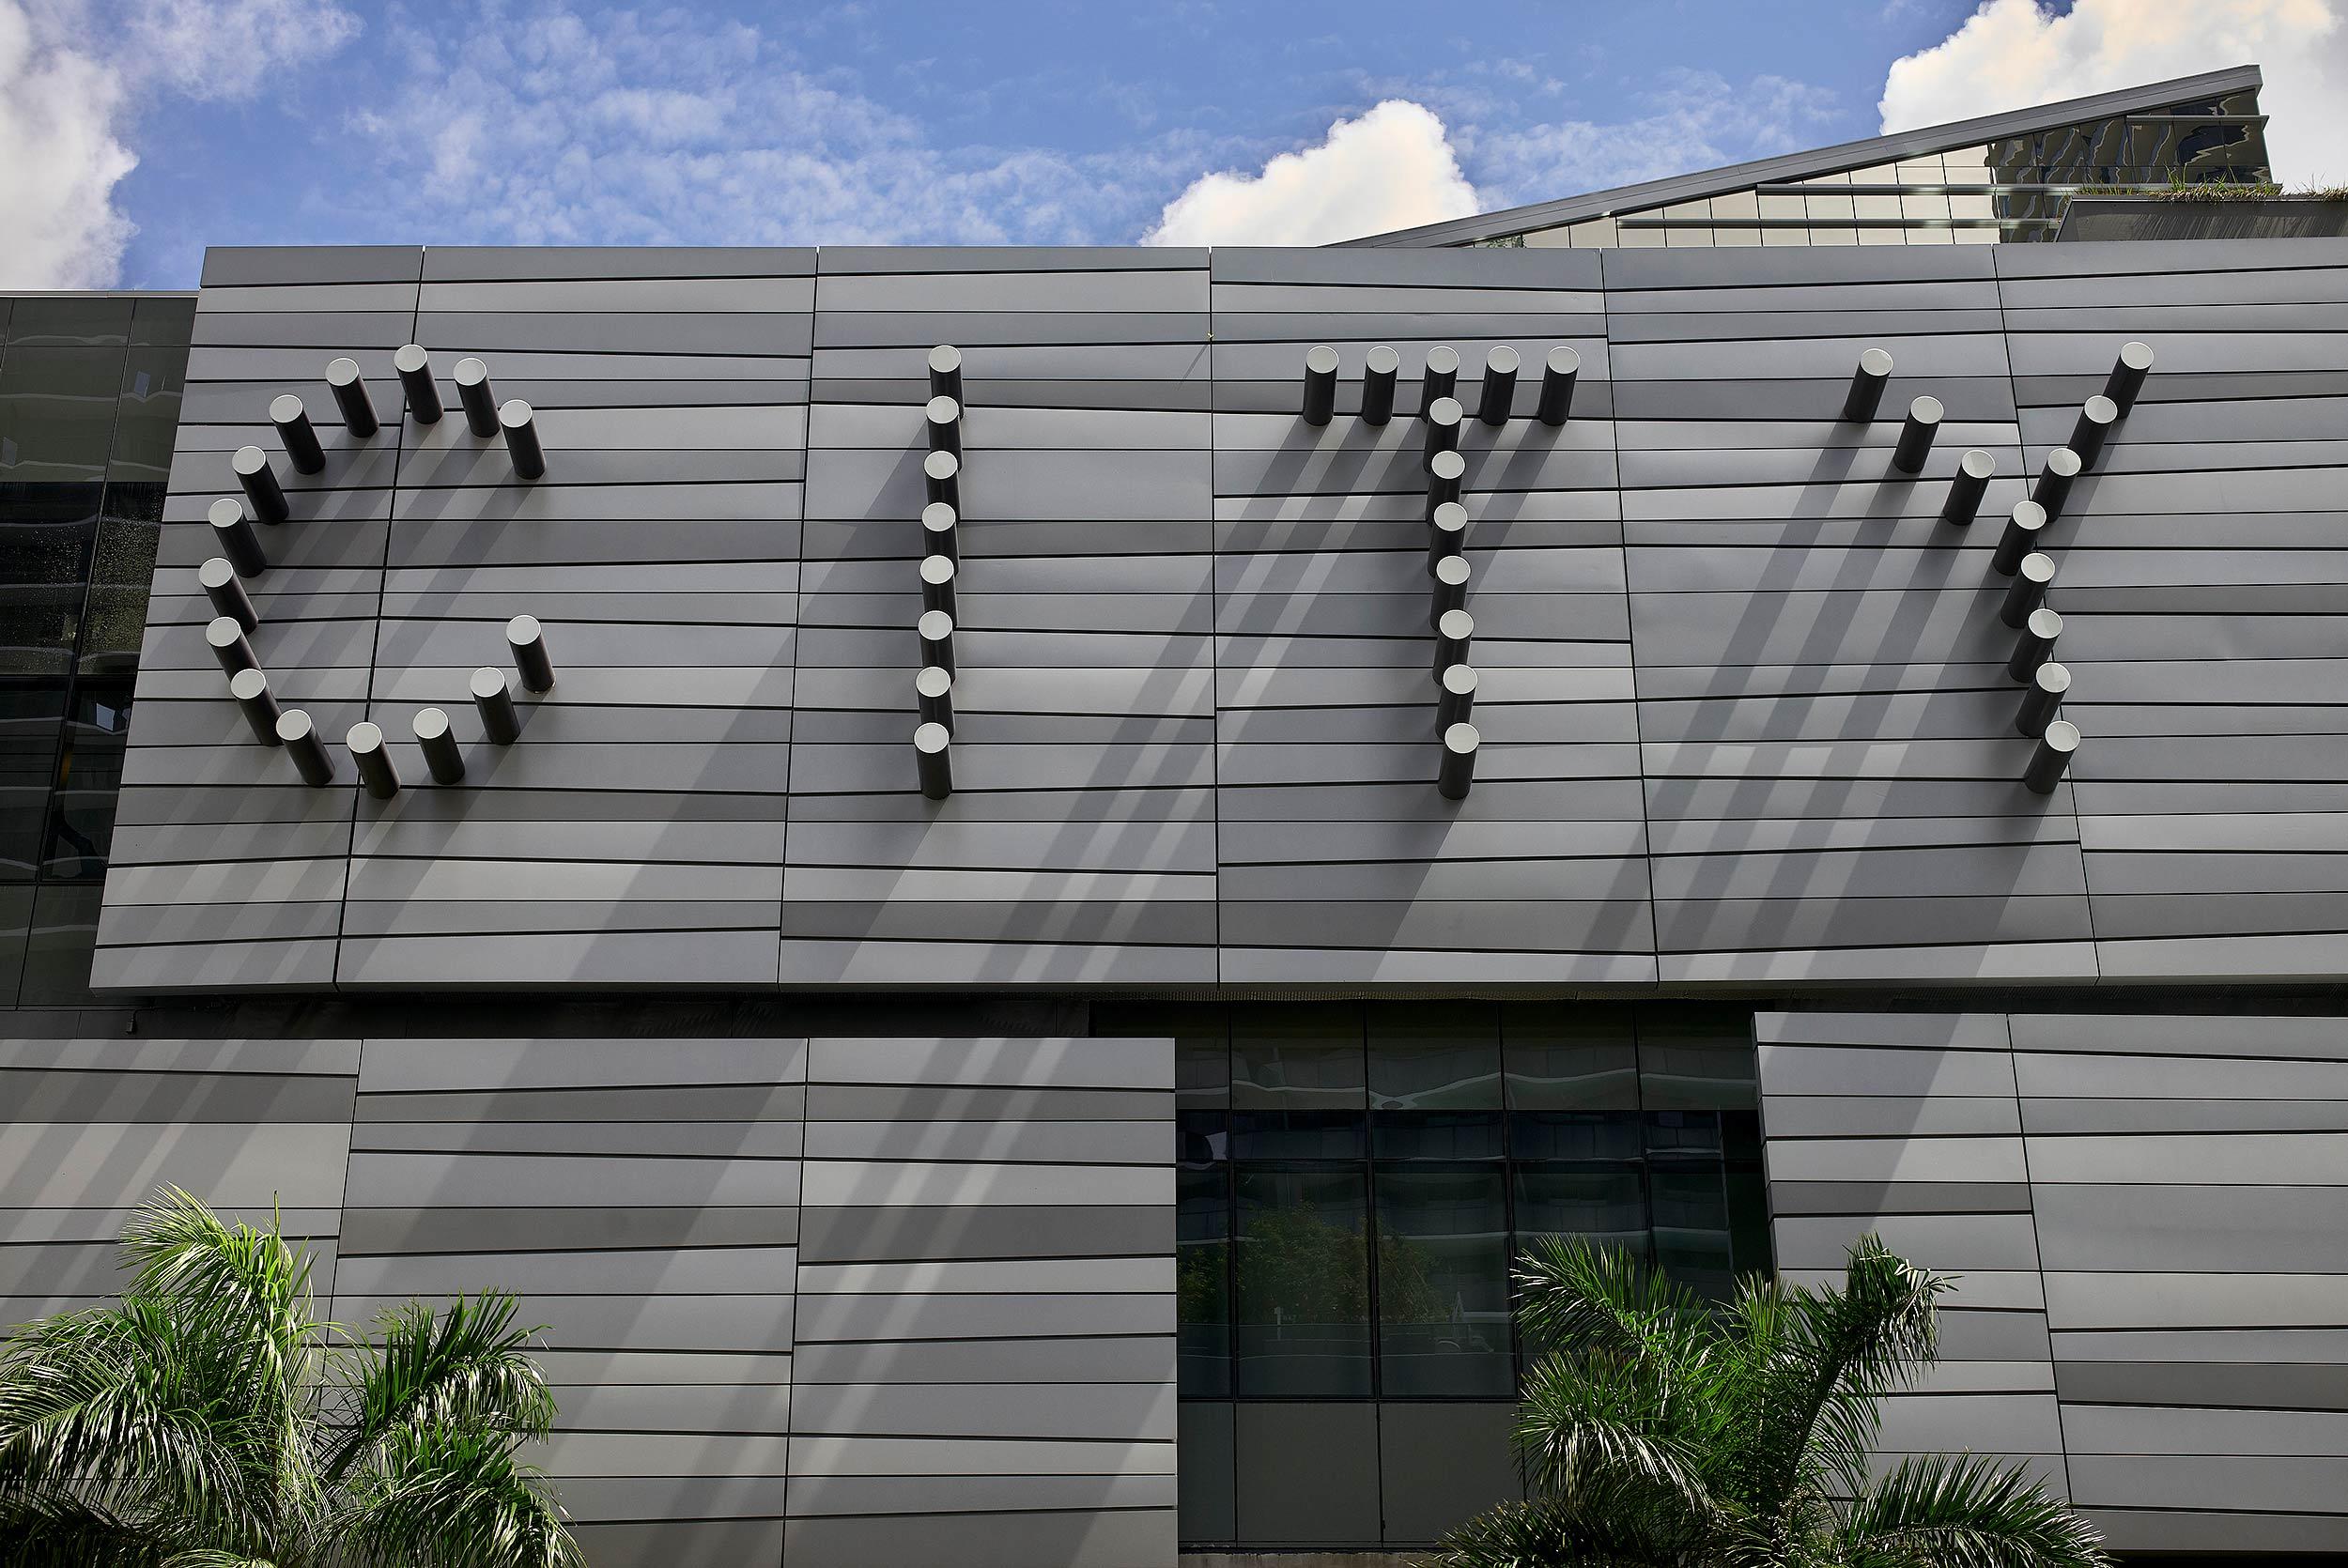 Brickell City Centre Pentagram - Abbott Miller Miami, FL